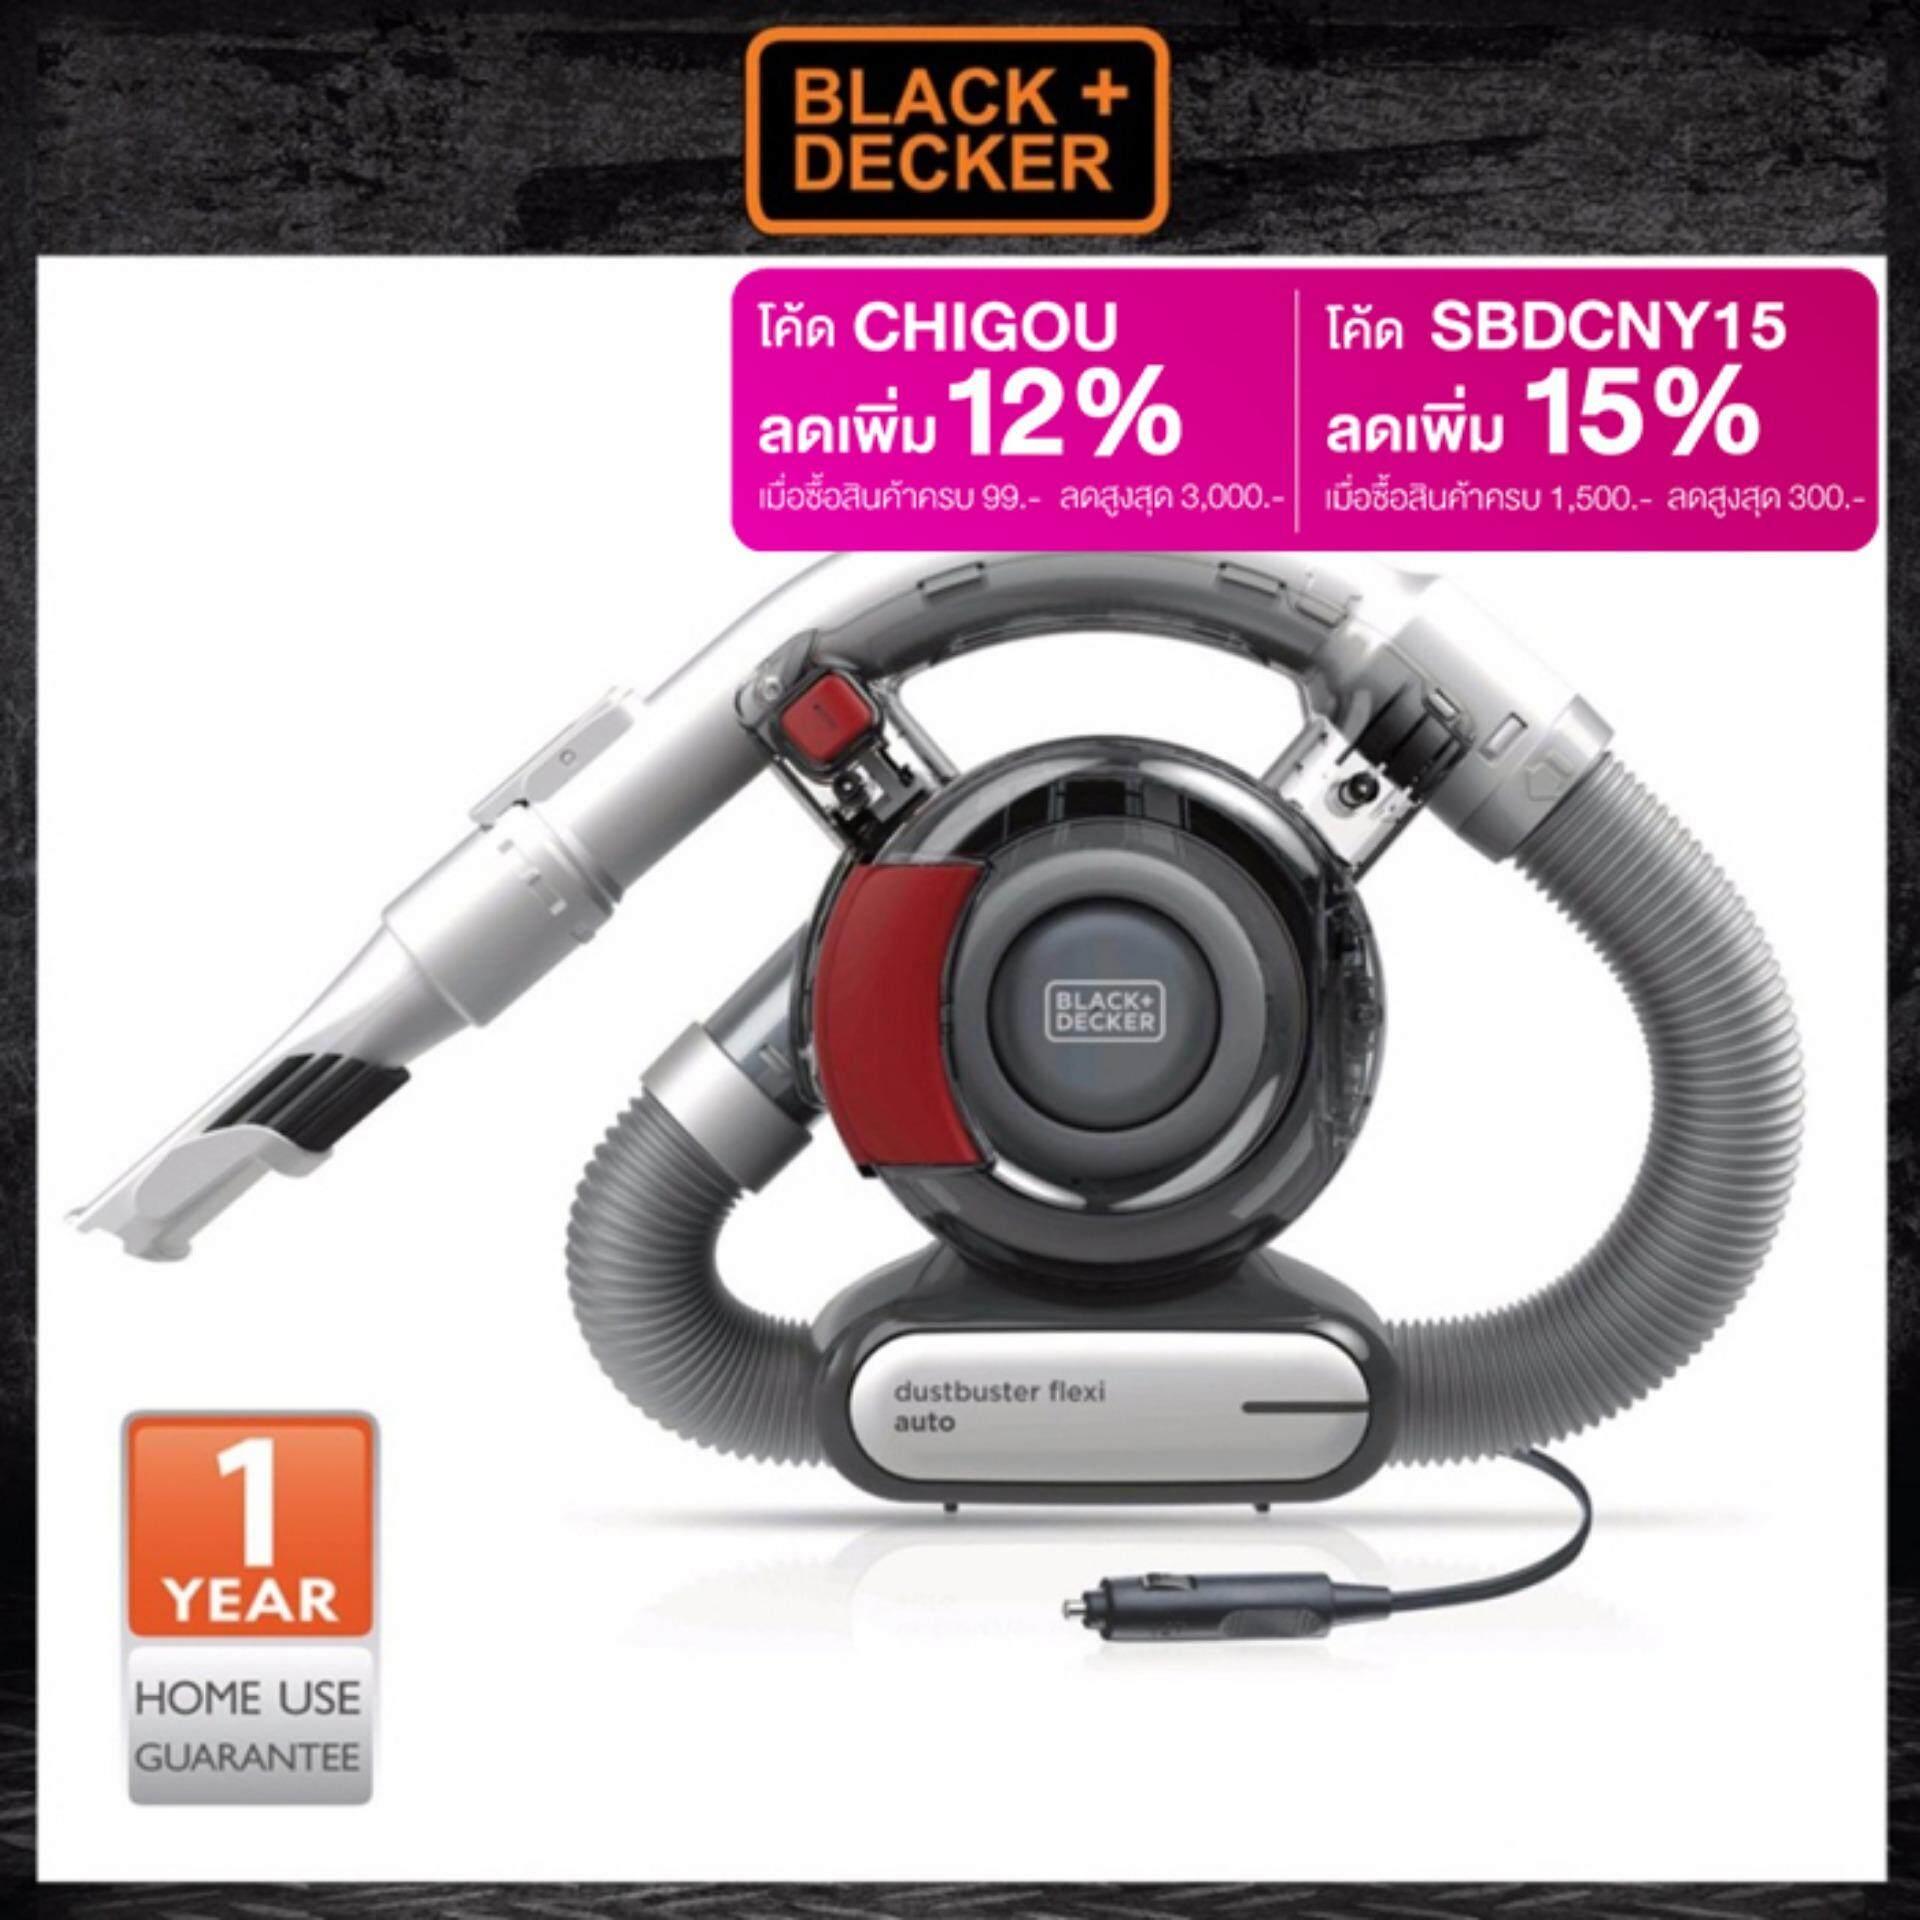 Black Decker Nv1210avb1 Car Vacuum Cleaner 12v Daftar Harga Penyedot Debu Mobilvacuum Mobil Handheld And Pd1420lp